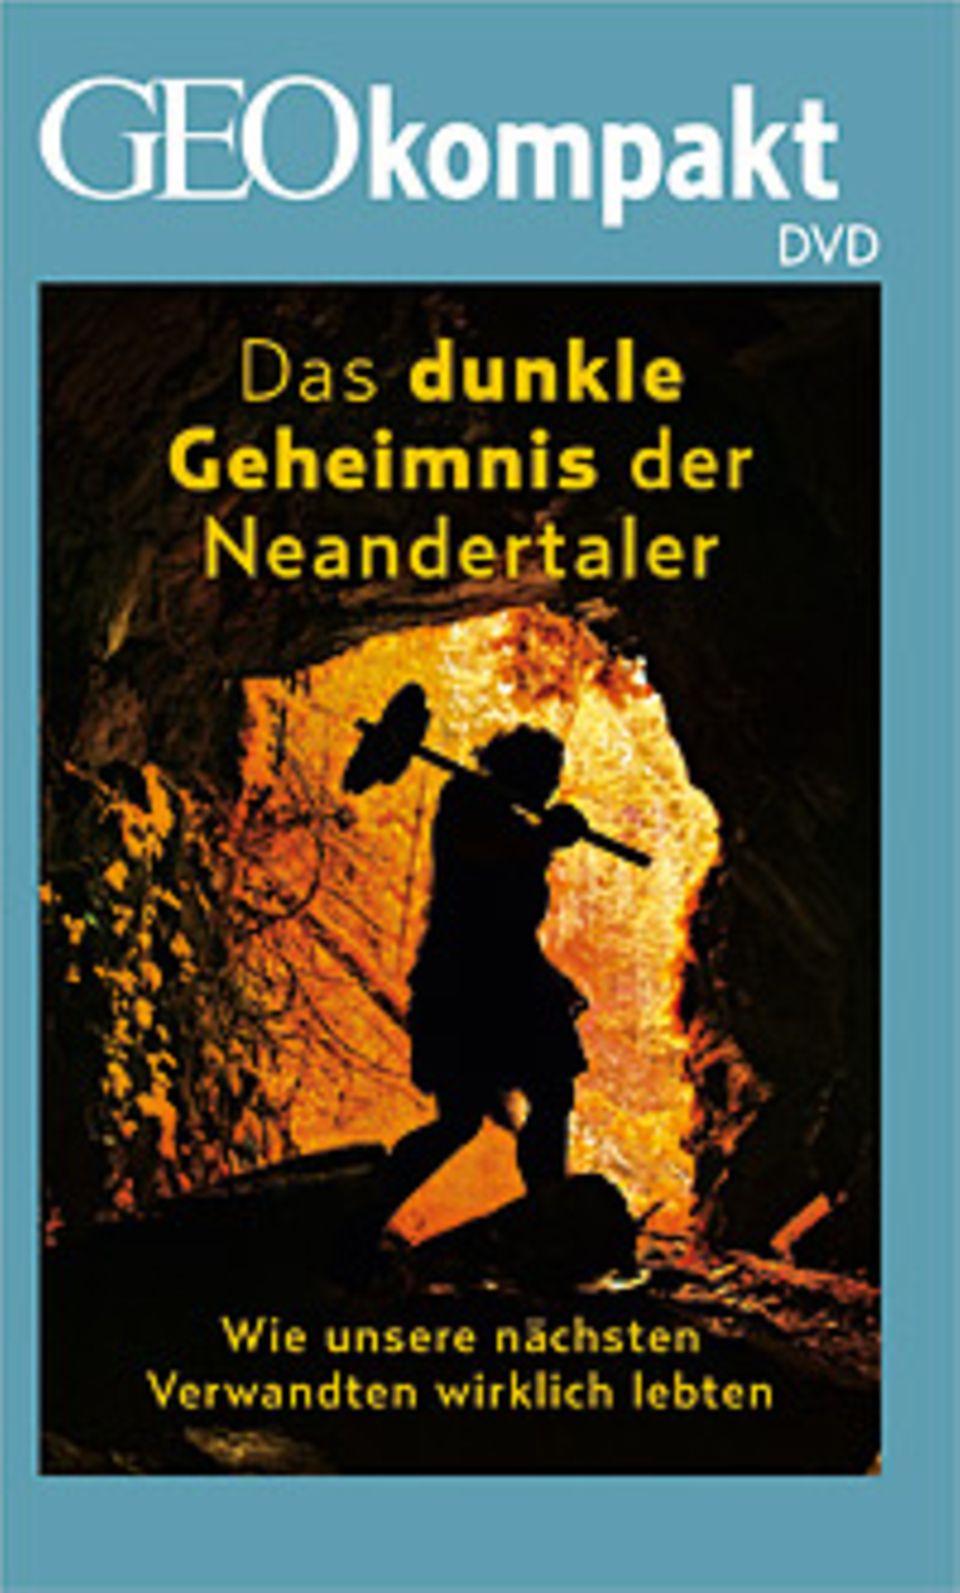 """Neandertaler: GEOkompakt Nr. 41 """"Der Neandertaler"""" ist auch mit DVD erhältlich"""